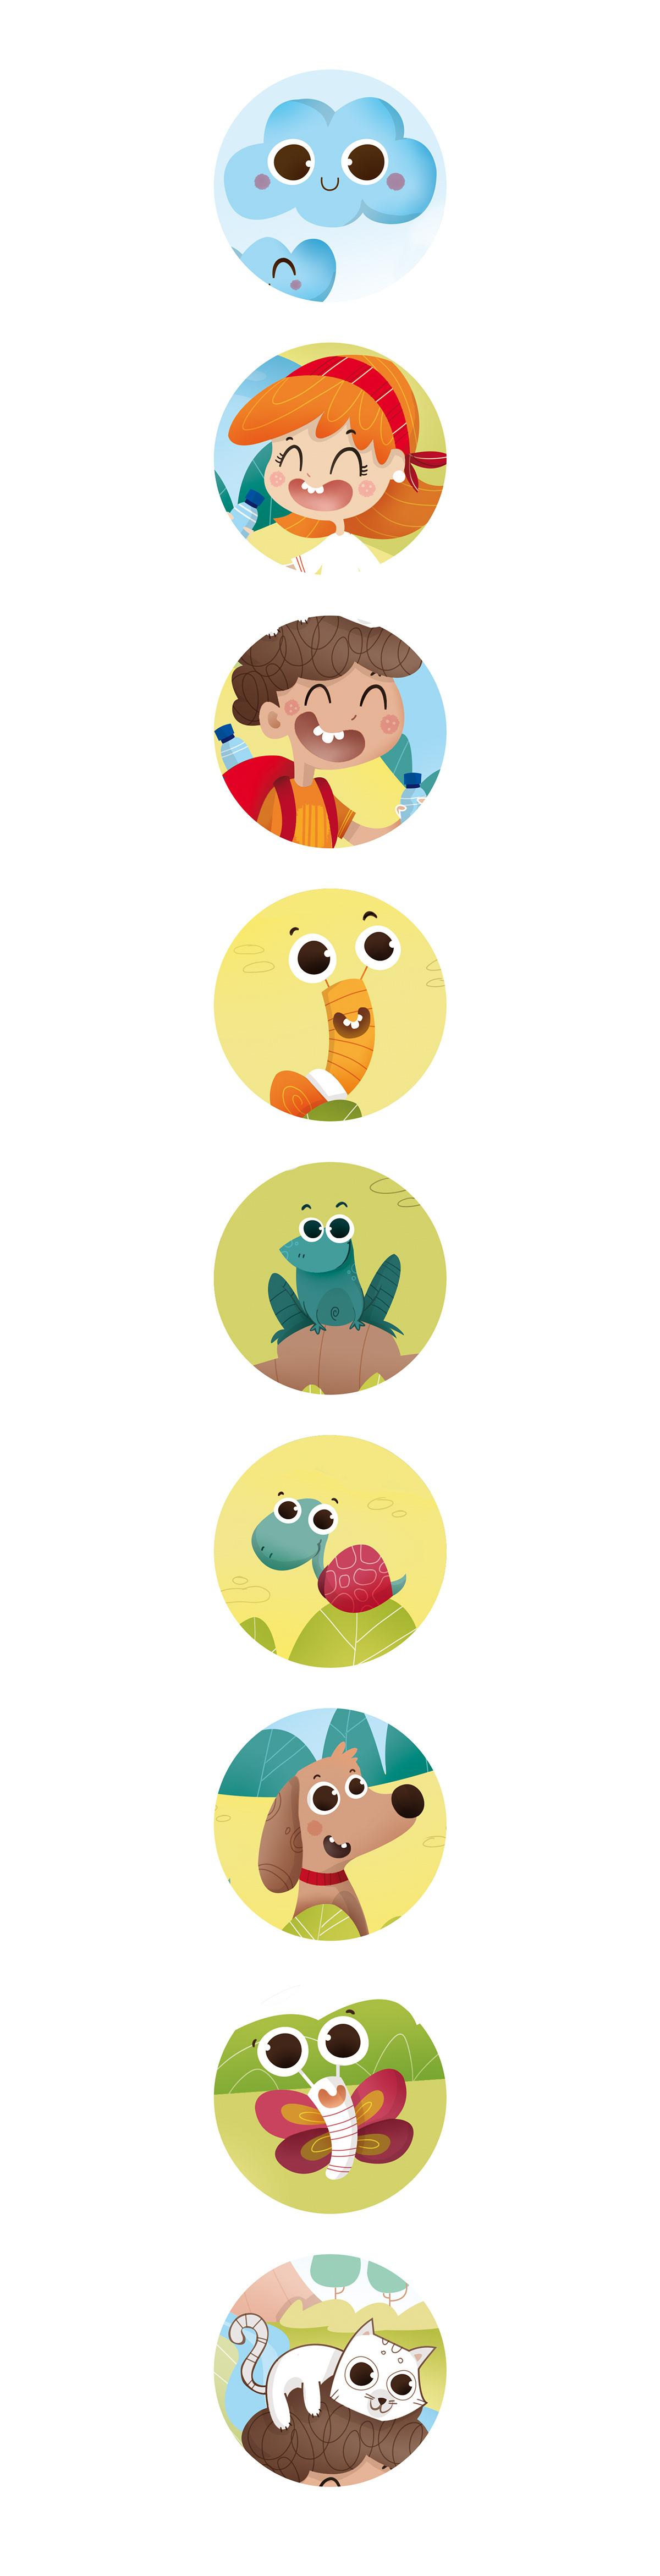 Packaging ilustracion ilustración infantil etiqueta